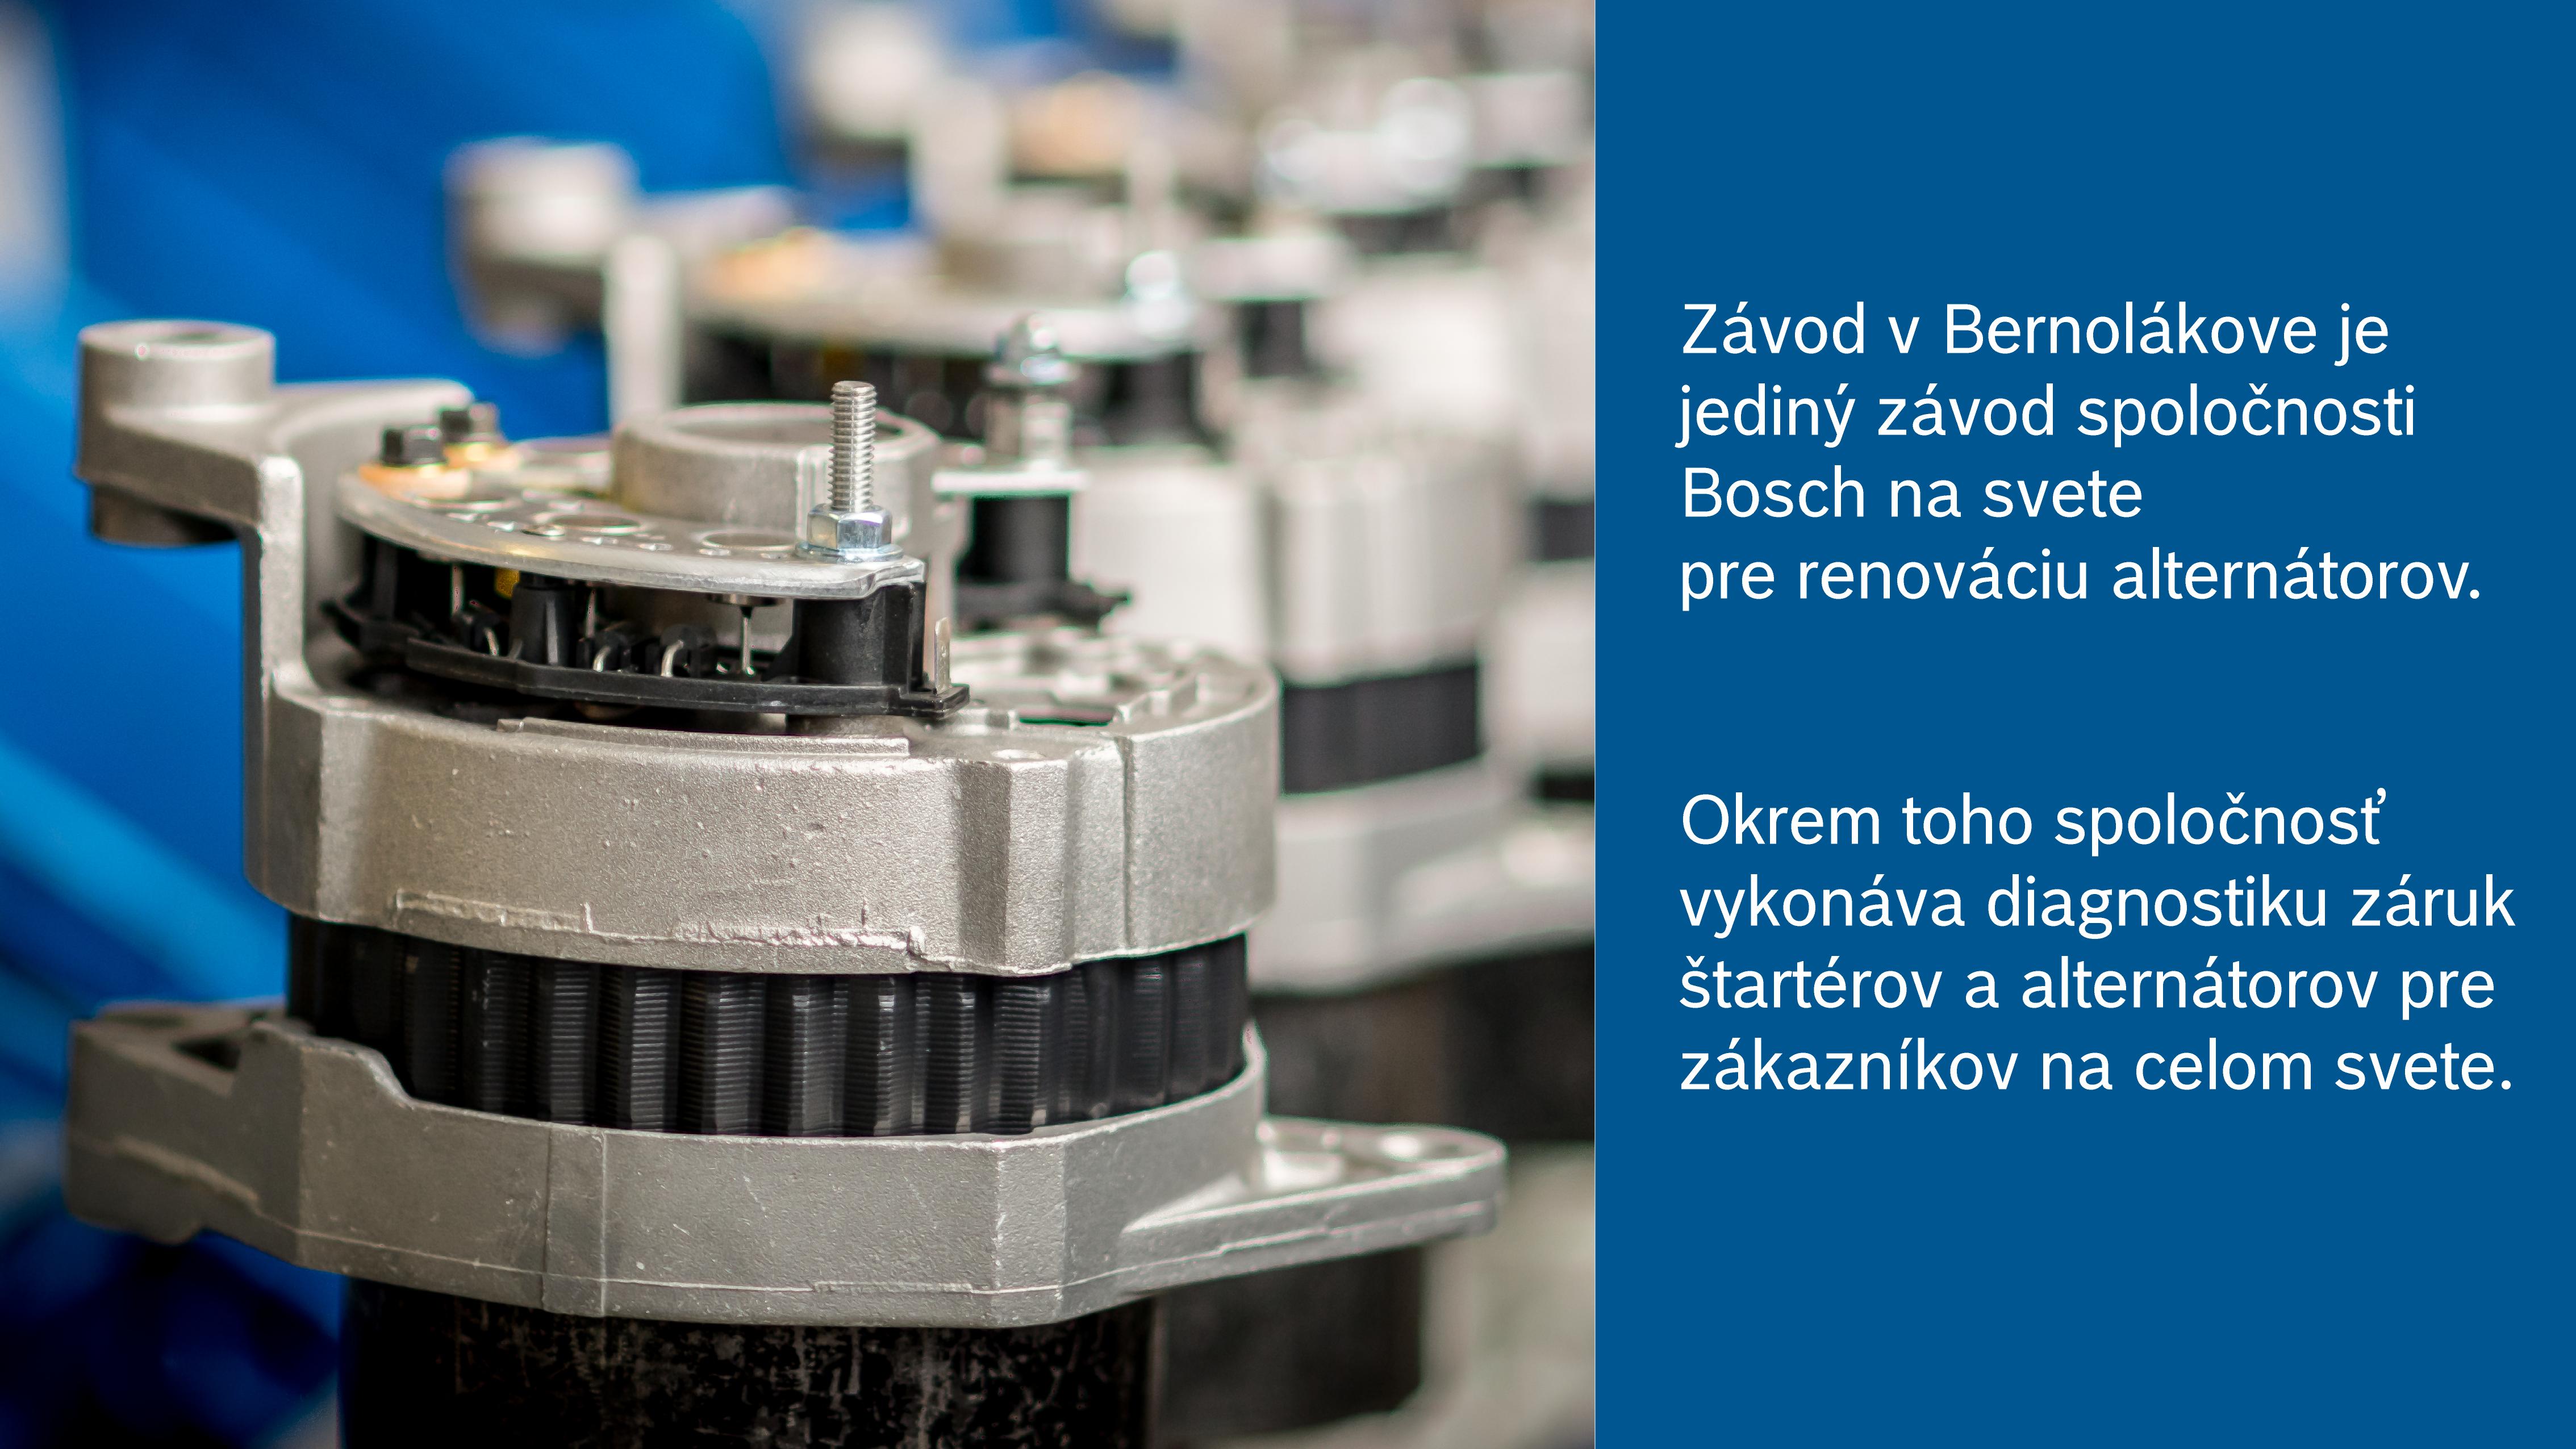 Závod v Bernolákove je jediným závodom spoločnosti Bosch na repasovanie alternátorov.